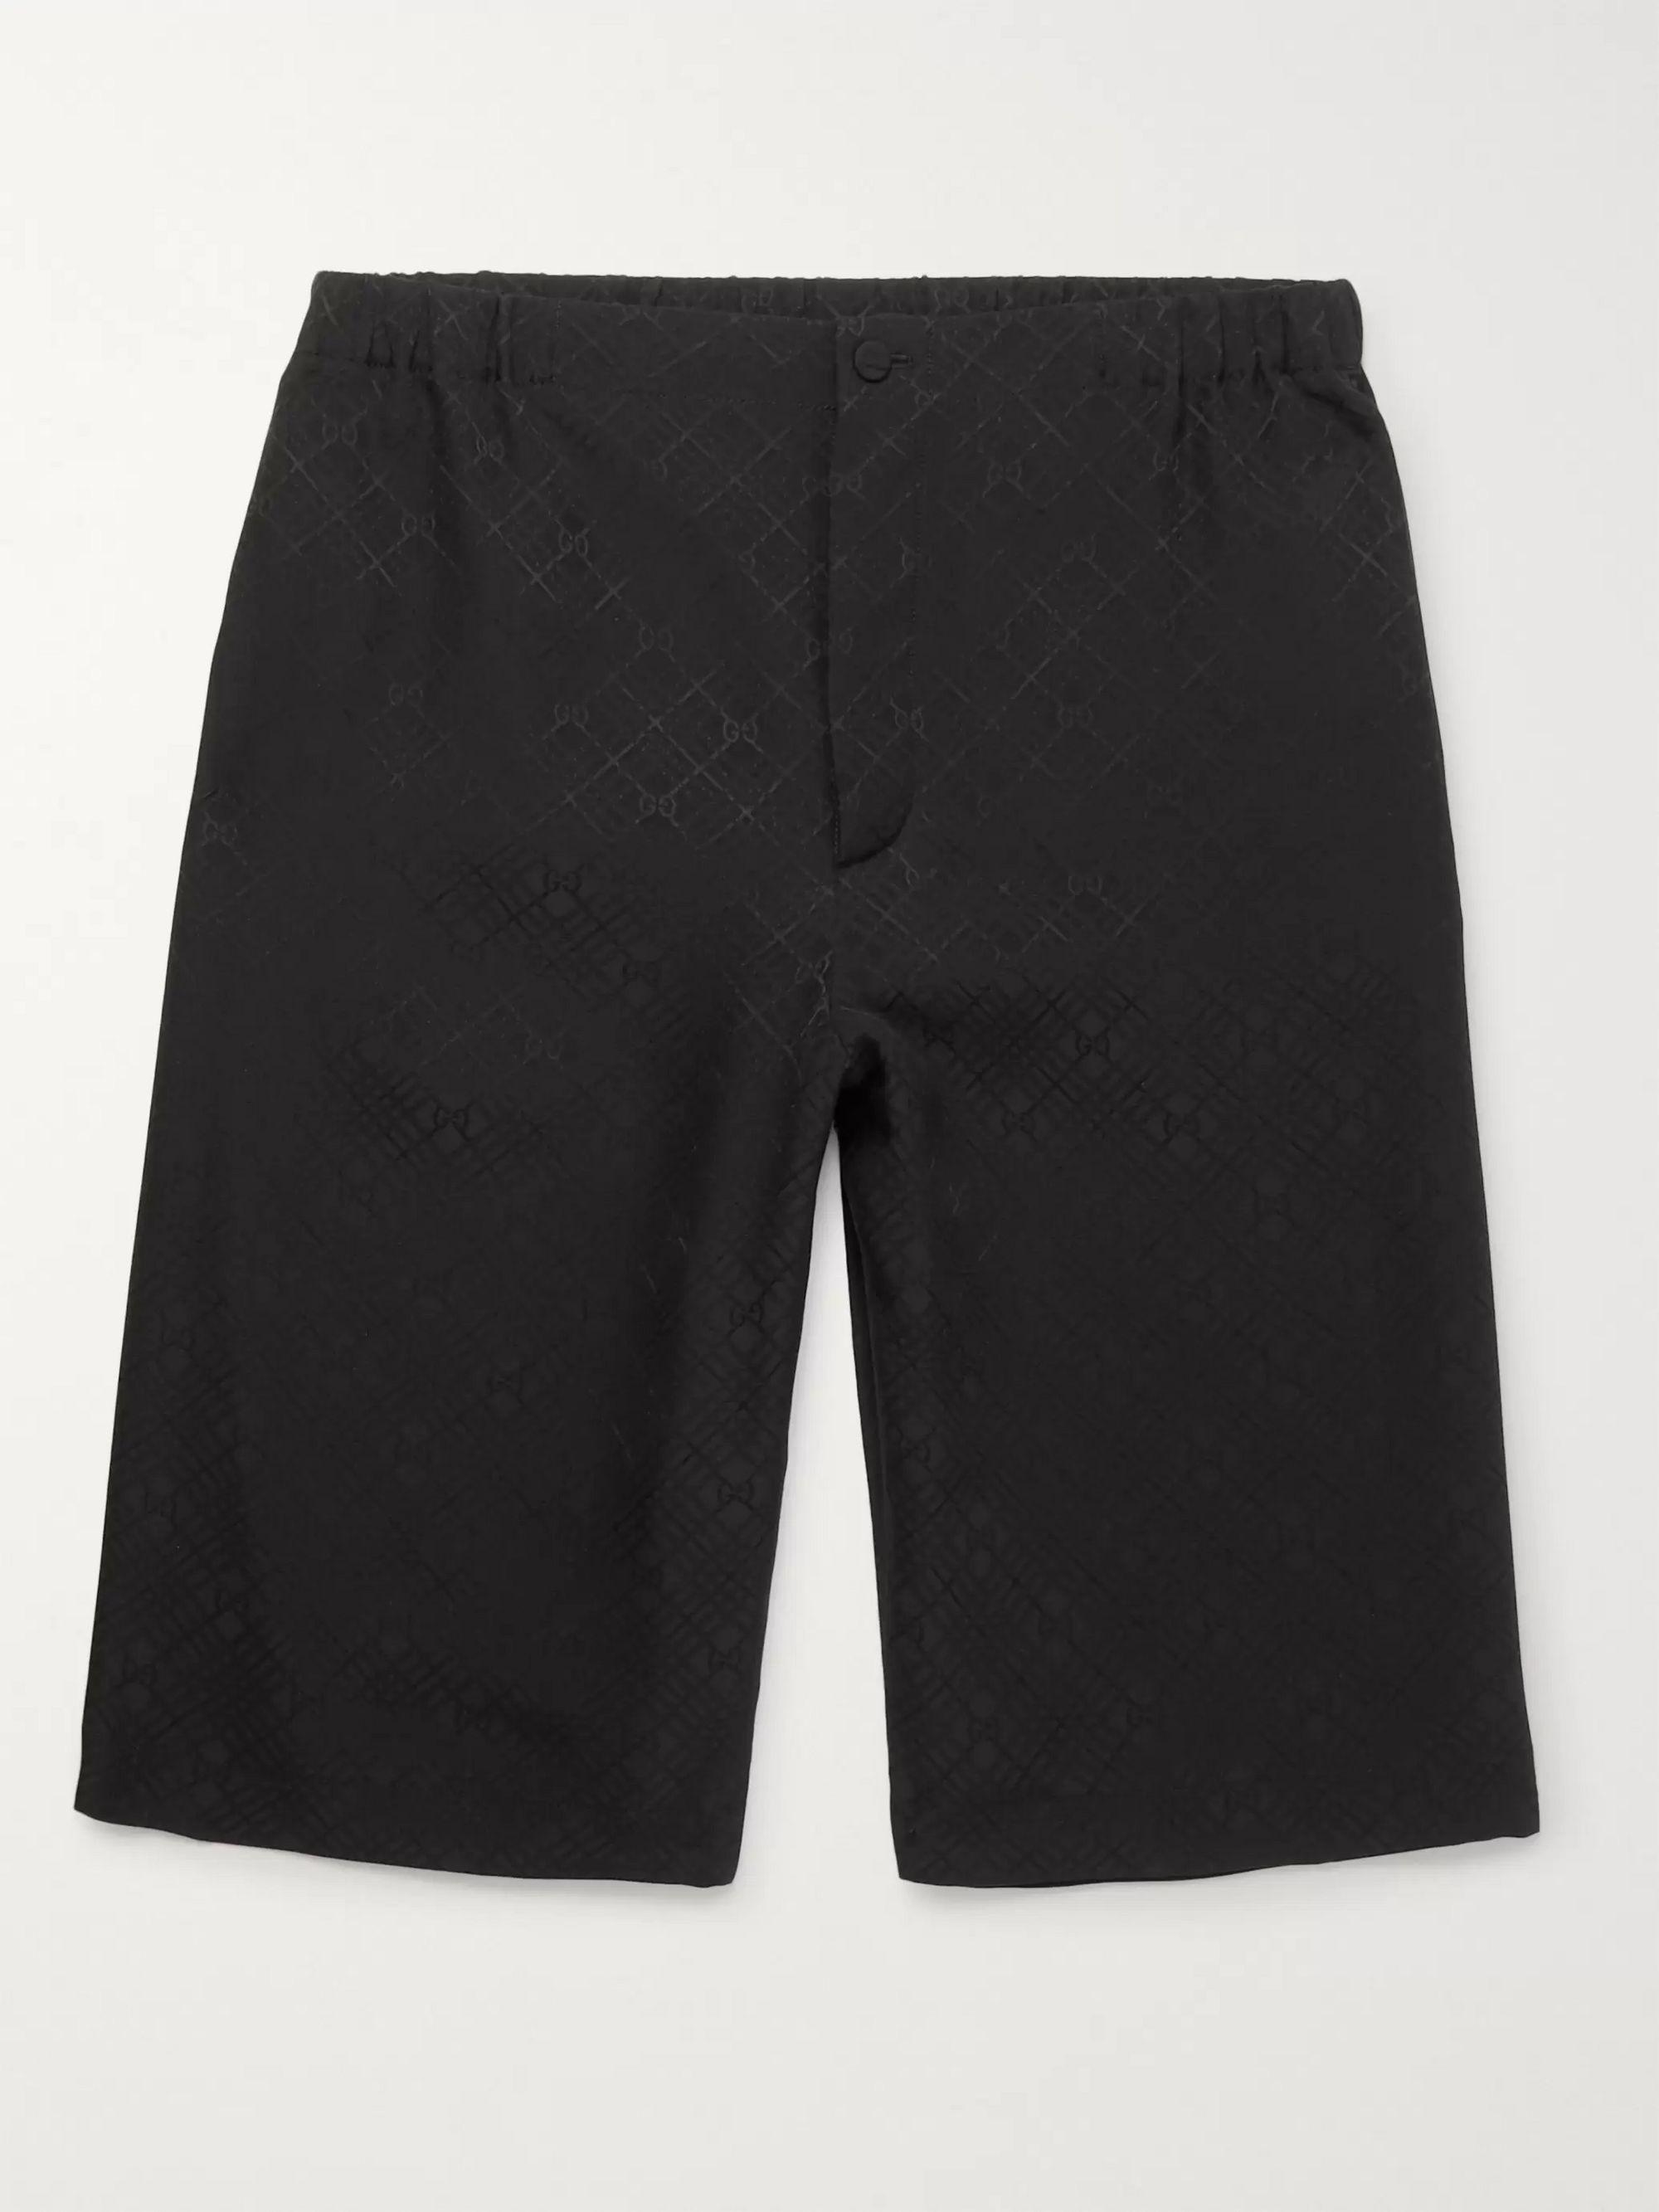 구찌 Gucci Wide-Leg Logo-Jacquard Checked Silk-Crepe Shorts,Black